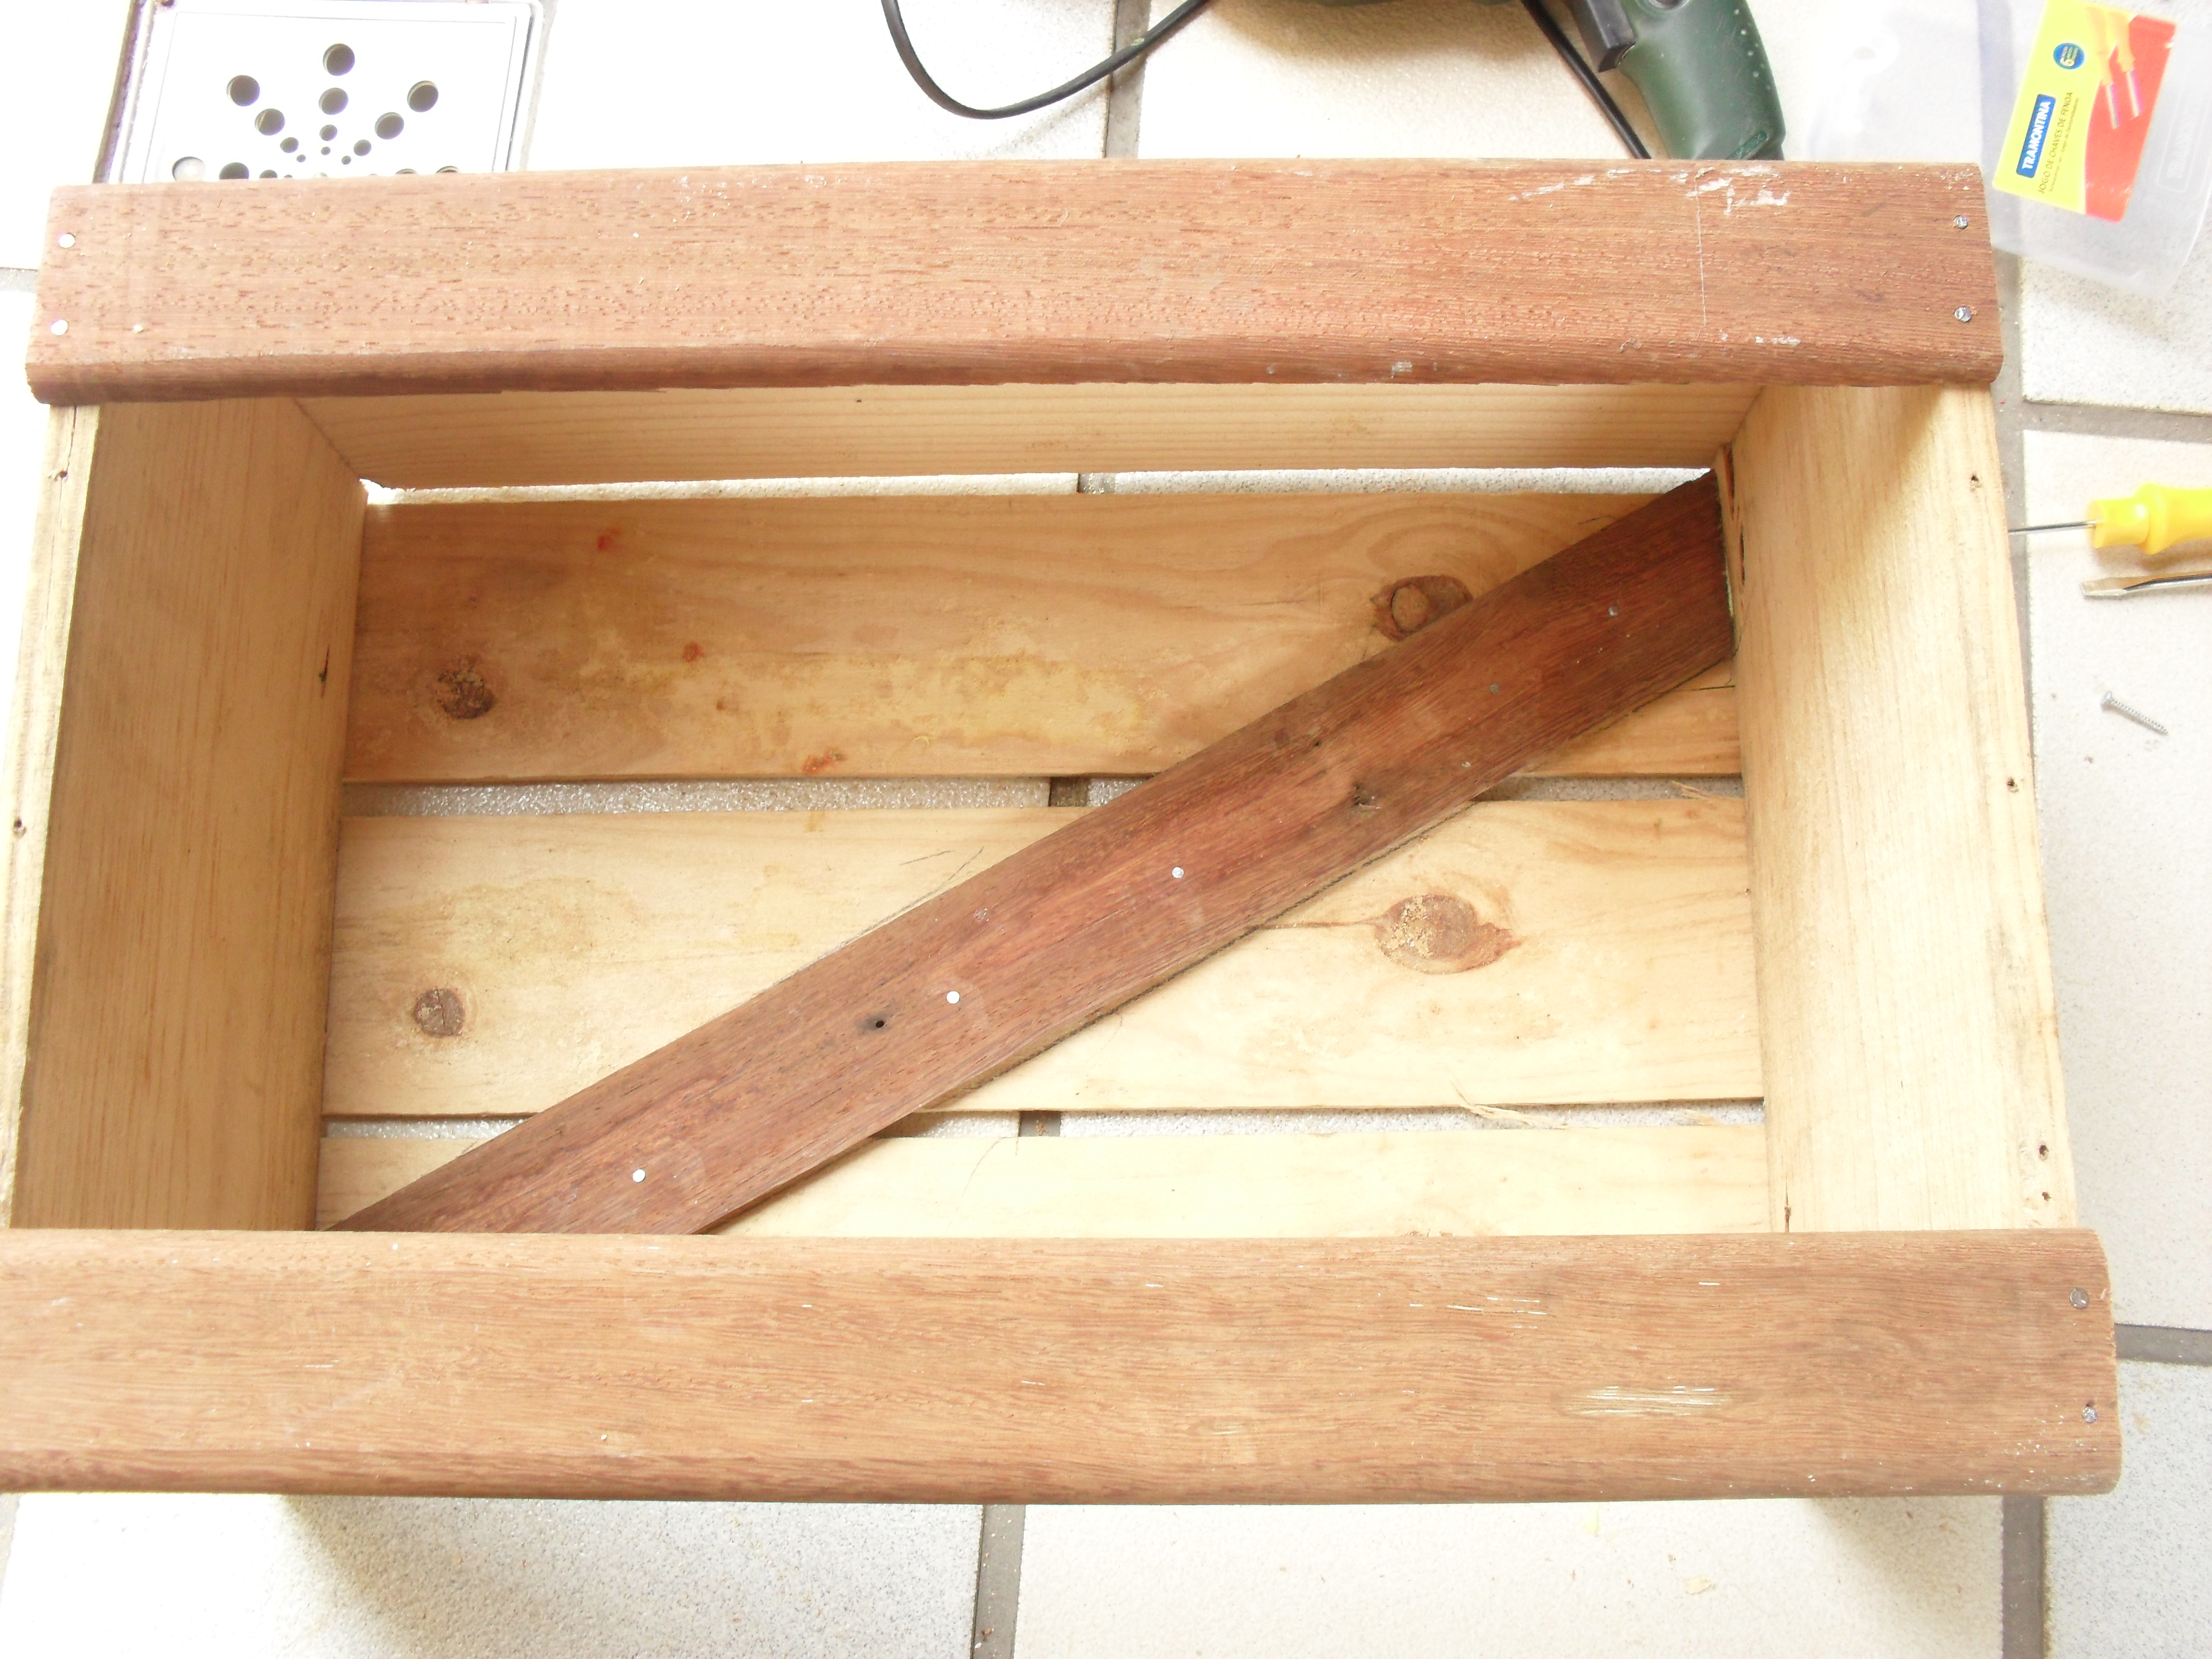 Banquinho de leitura de caixa de madeira reciclável Historiarte  #A56926 4000x3000